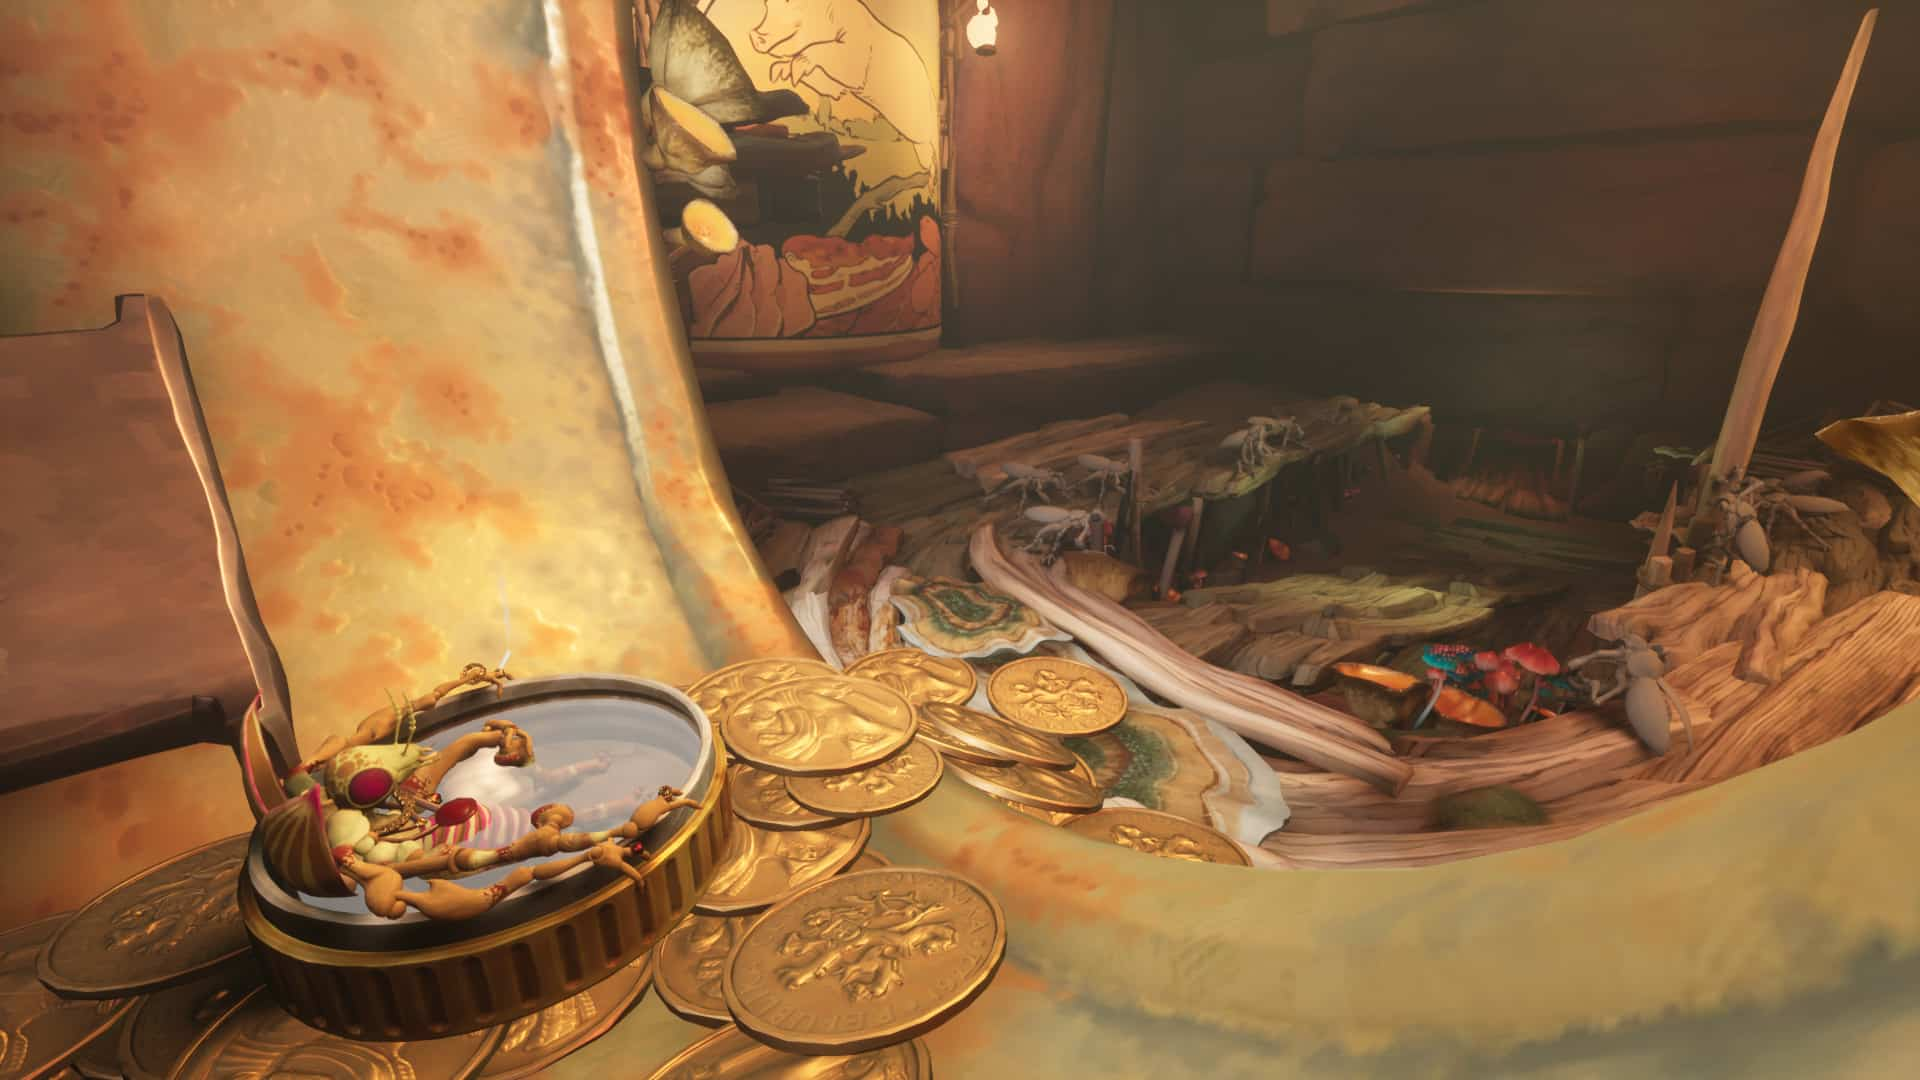 Metamorphosis Ovid Works All in! Games surreal adventure based on Franz Kafka novella